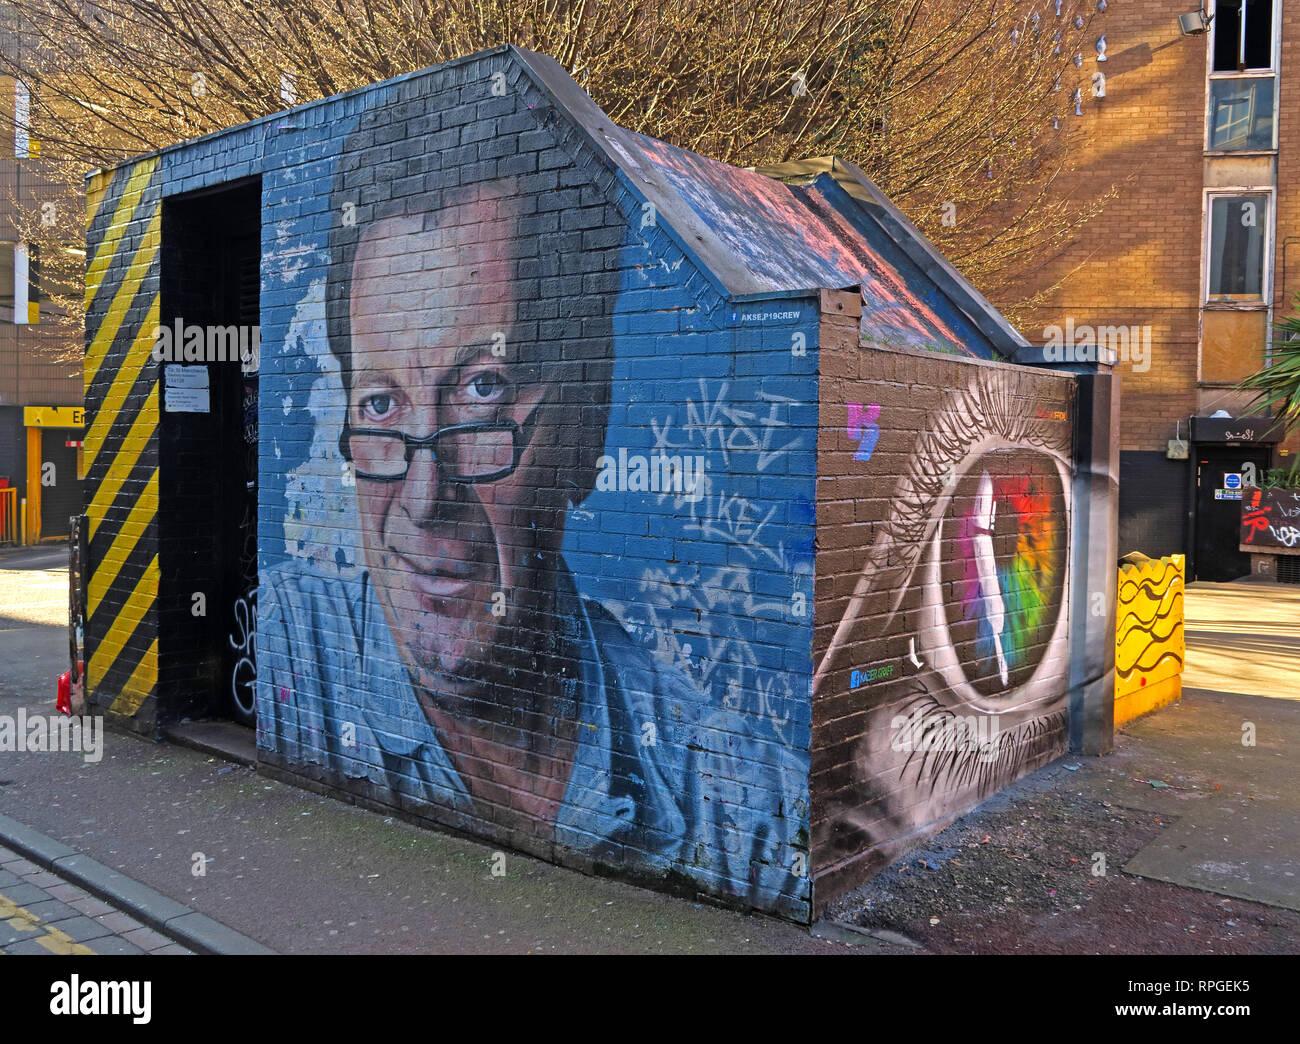 Laden Sie dieses Alamy Stockfoto Tony Wilson (Anthony H Wilson) Wandbild/Artwork, Factory Records Inhaber und Granada Broadcaster, Tib St Manchester, Großbritannien - RPGEK5